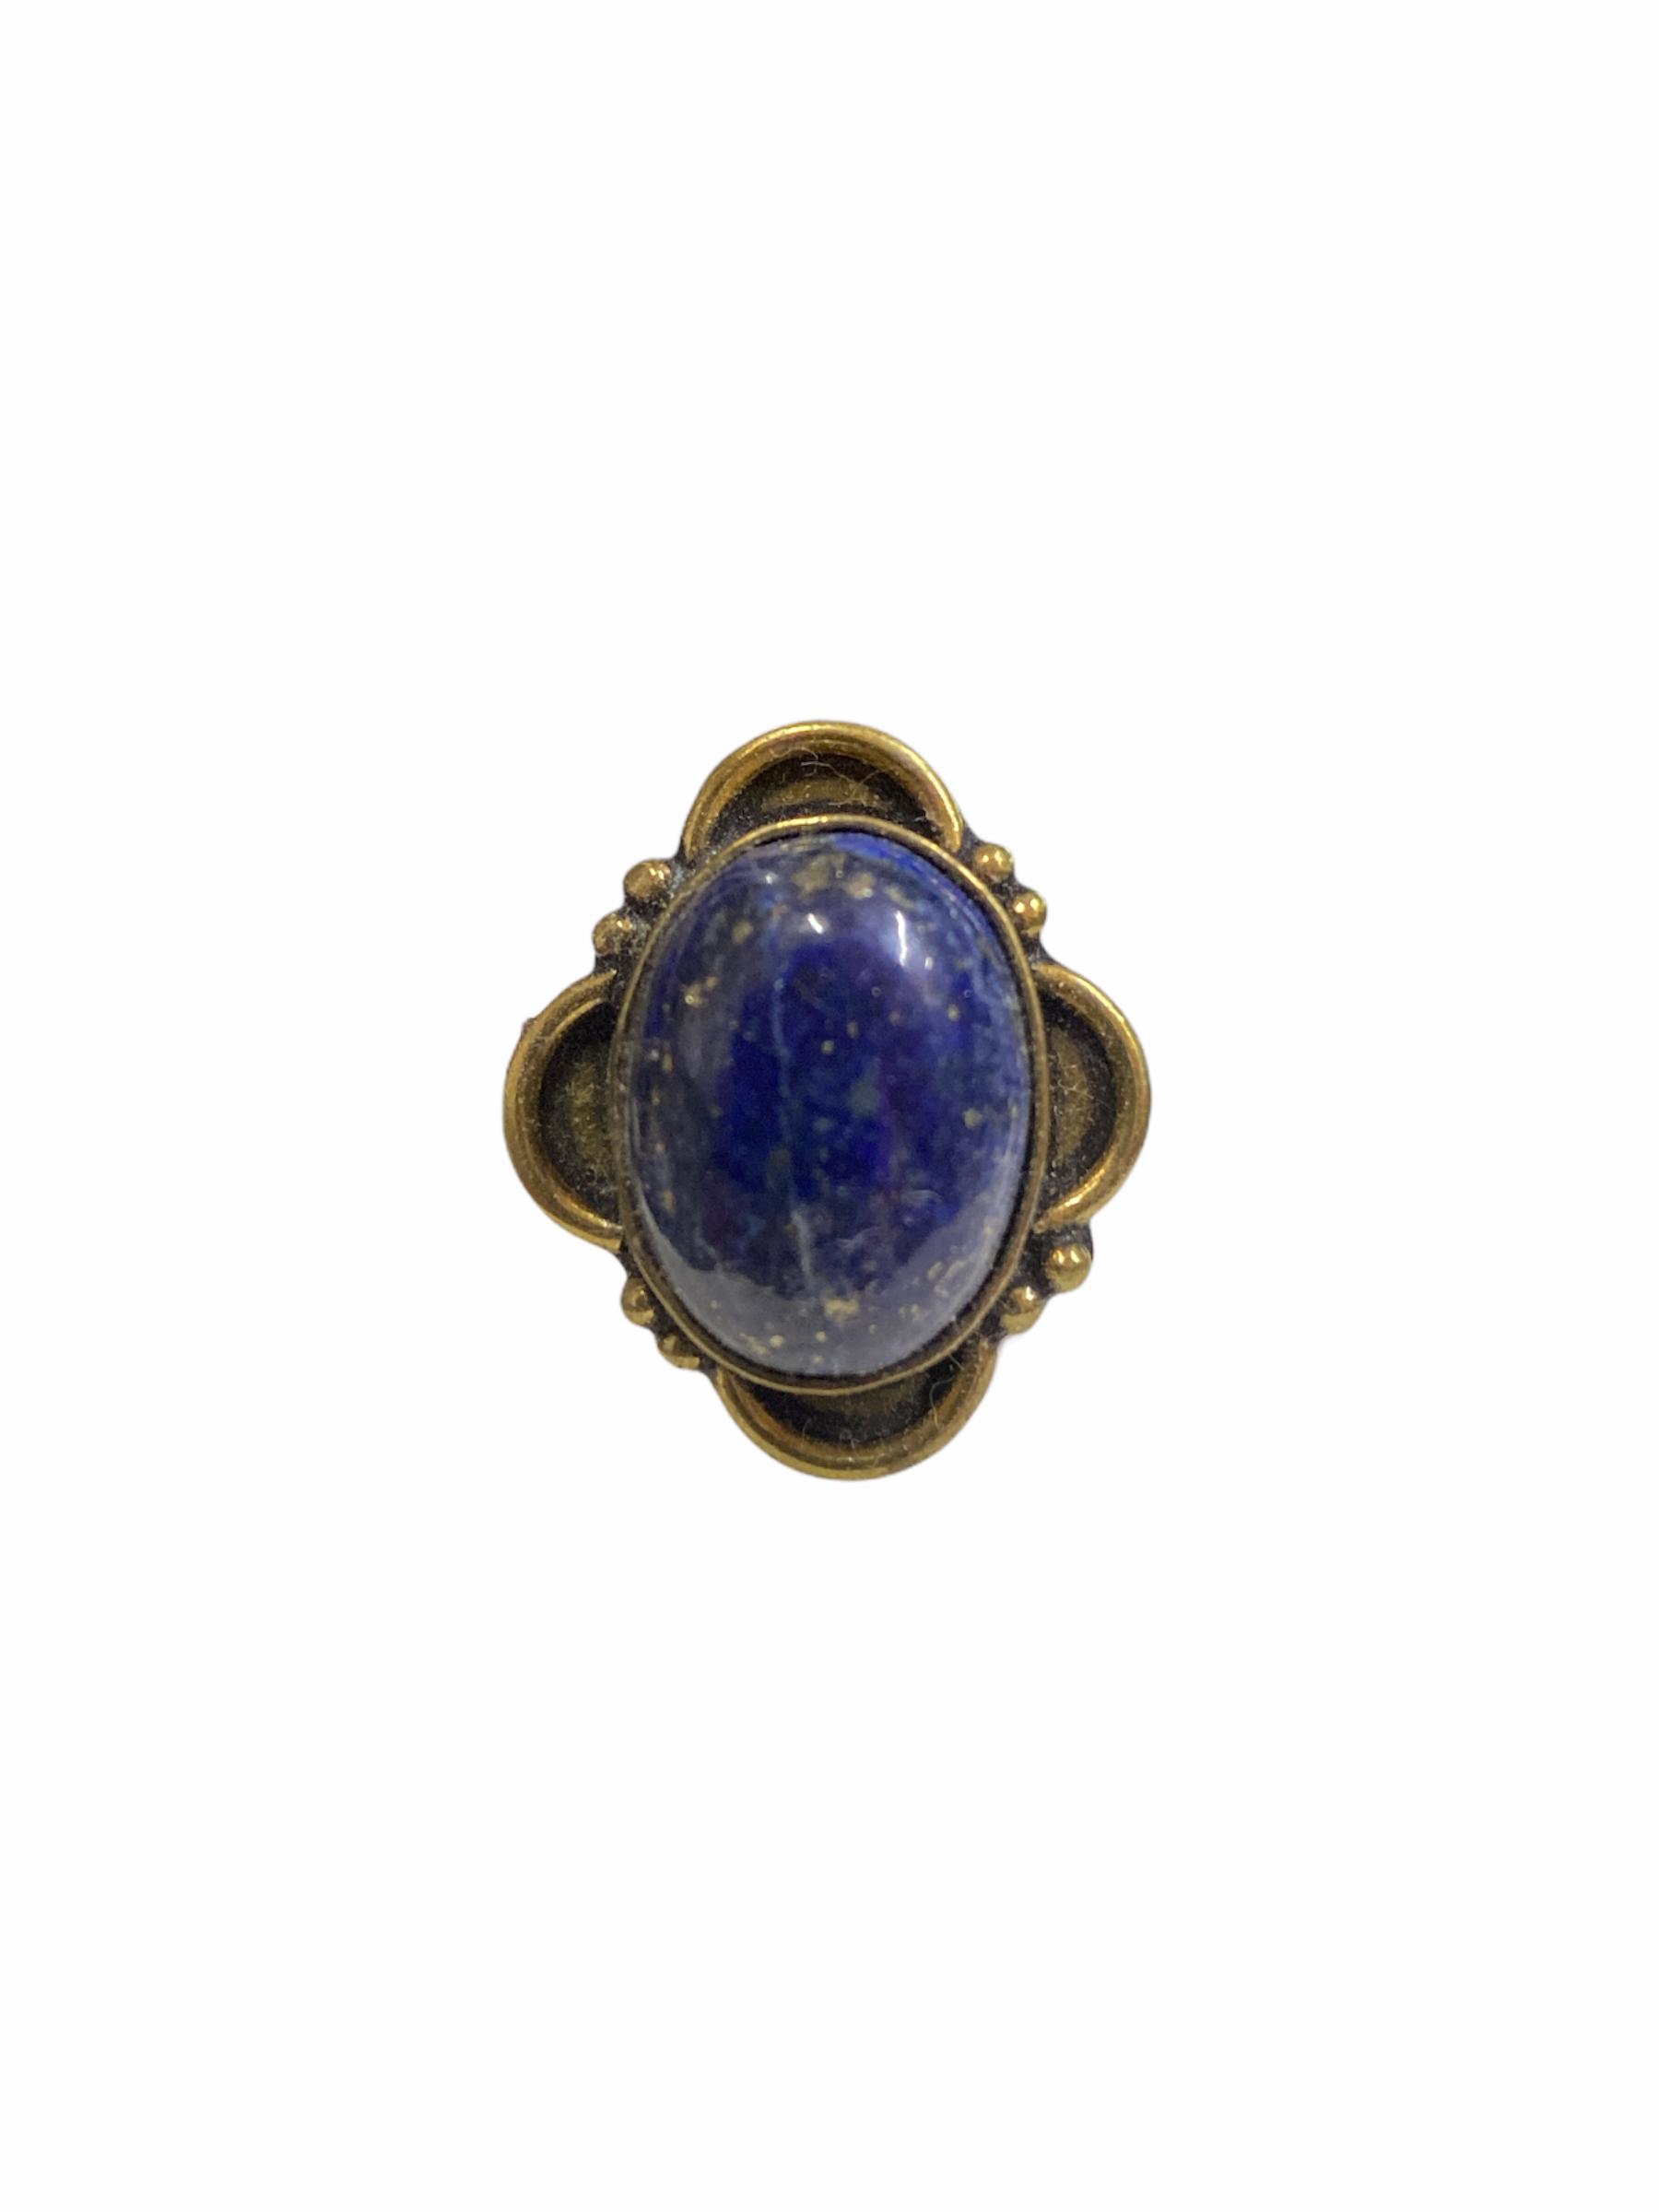 Δαχτυλίδι Χειροποίητο Με Λάπι Λάζουλι Σε Χρυσό Χρώμα